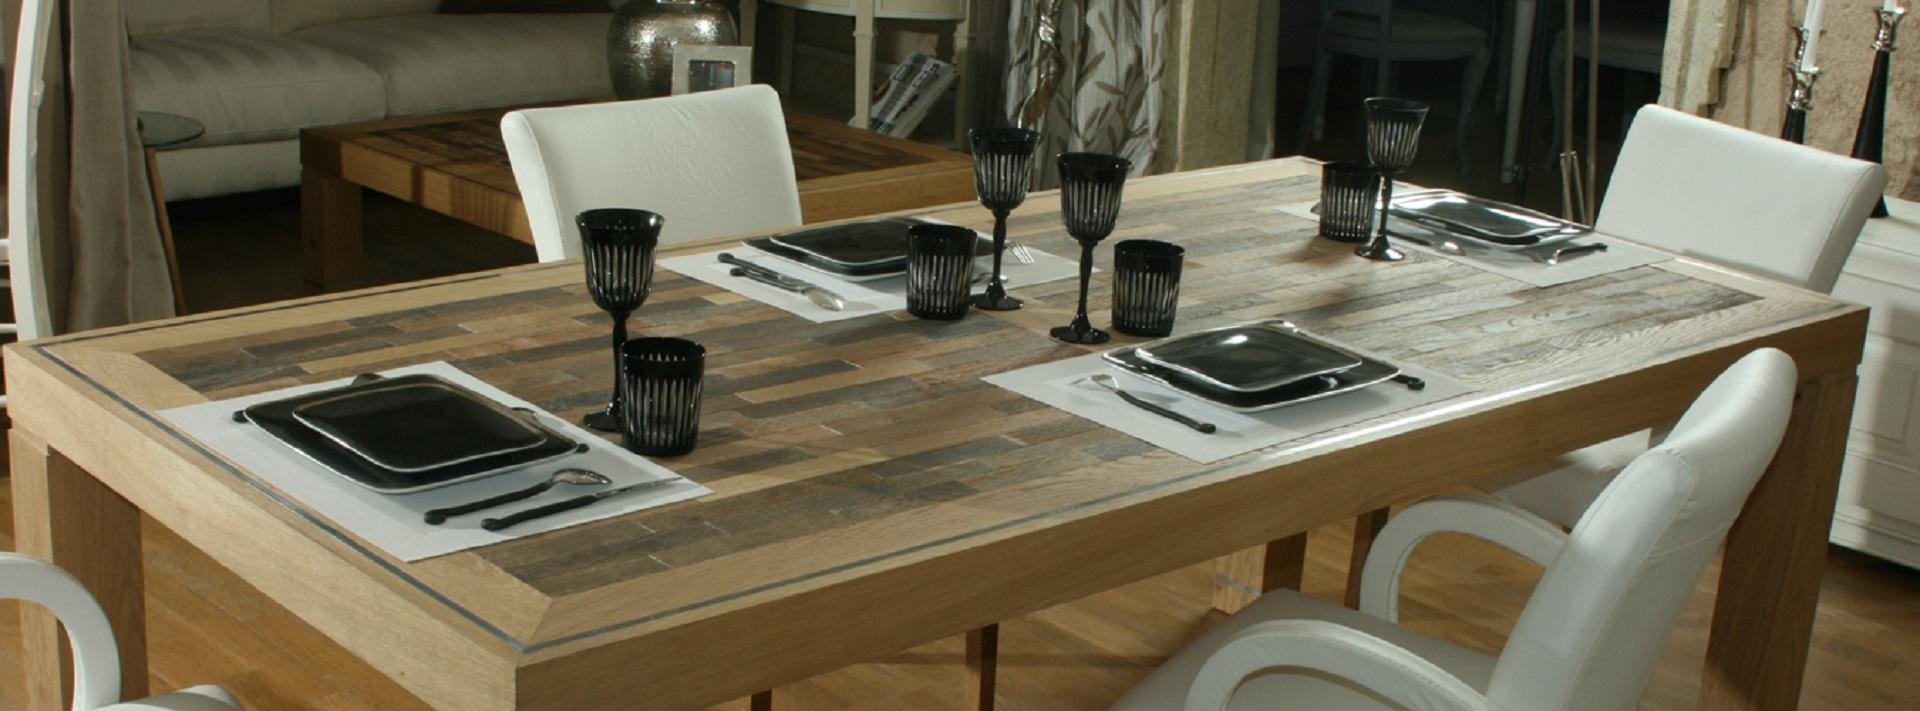 Tables de salle manger et de cuisine l 39 atelier du for Meubles 4 moulins